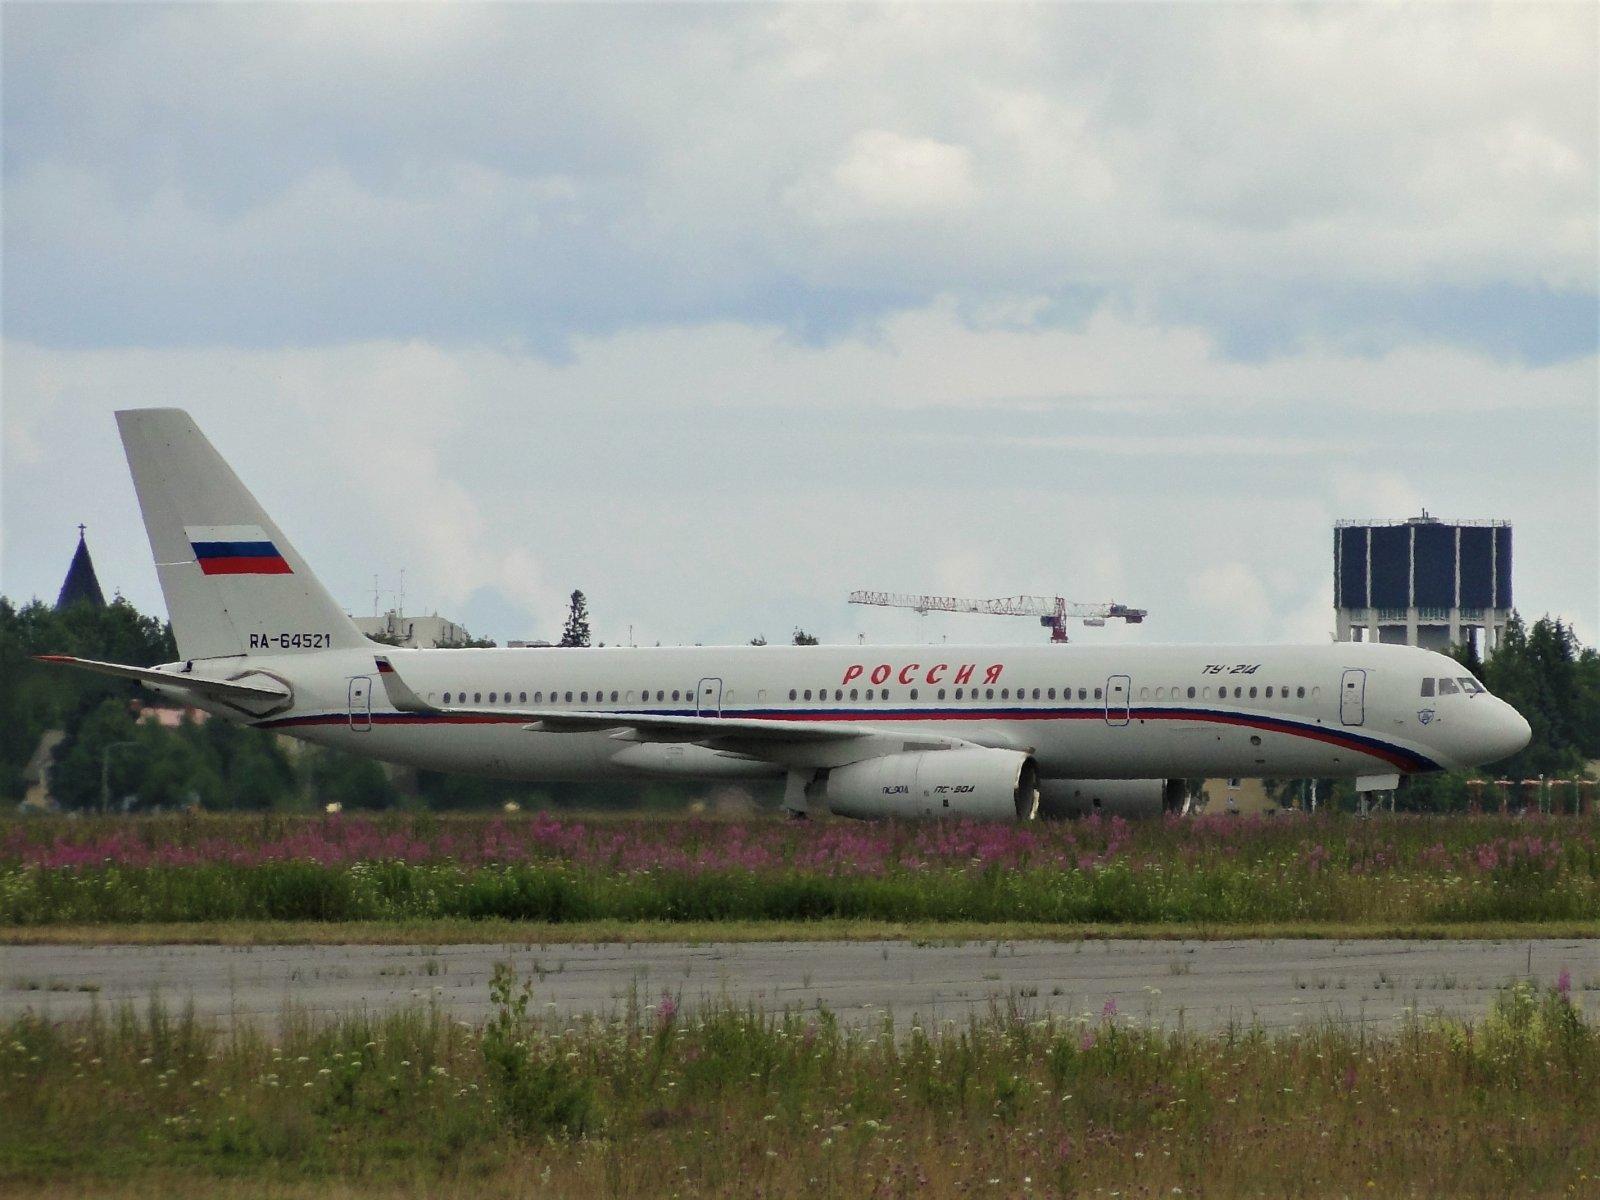 RA-64521 Deltasta tornin eteen